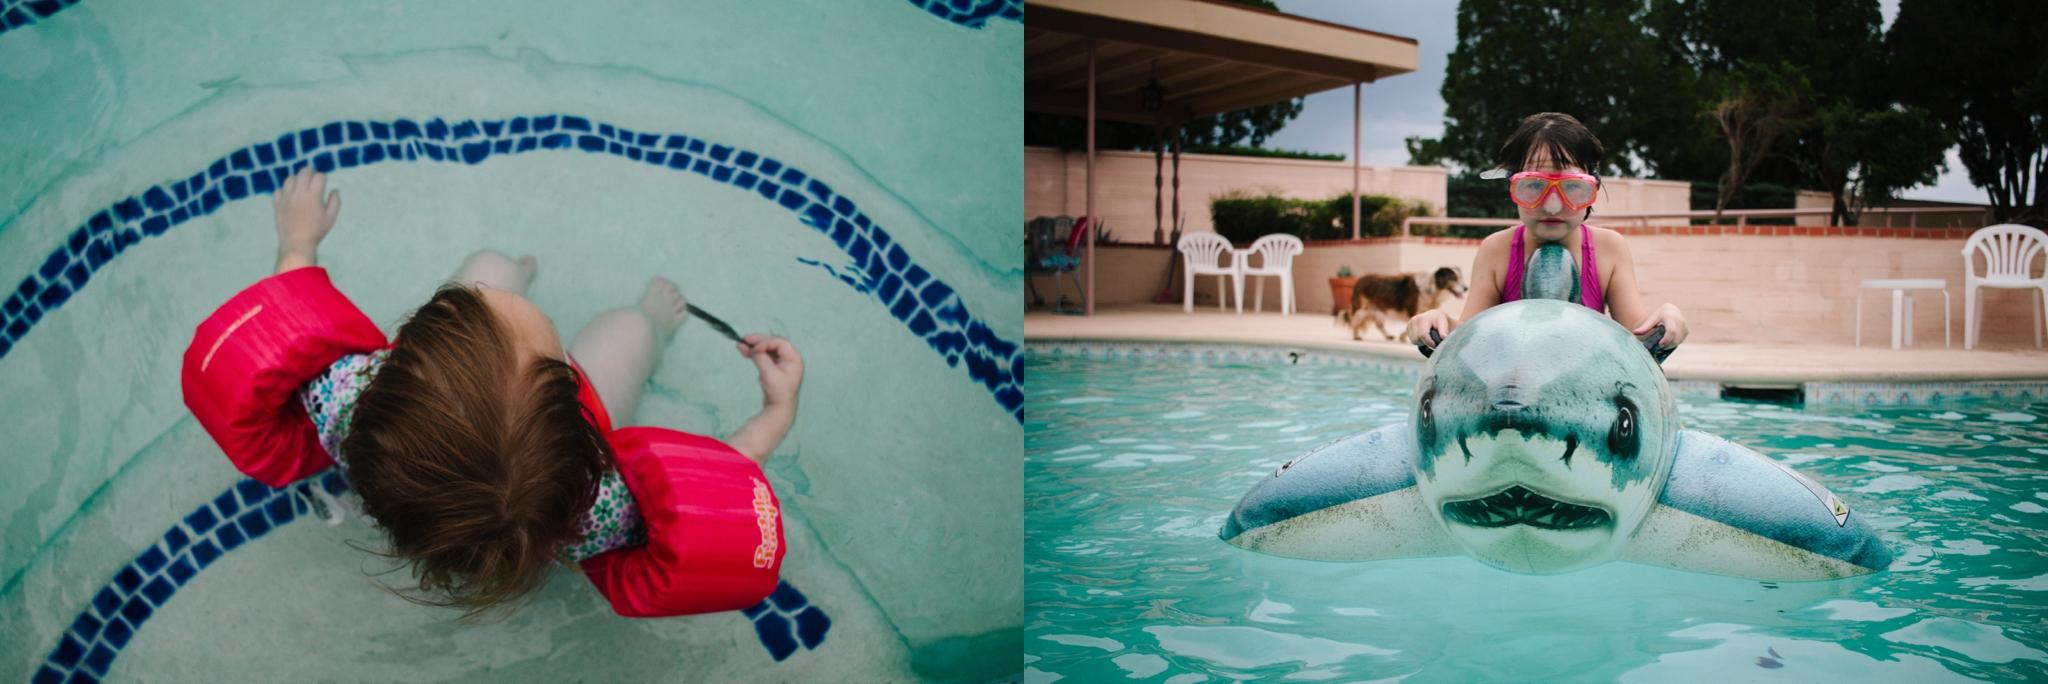 Swimming_0004.jpg